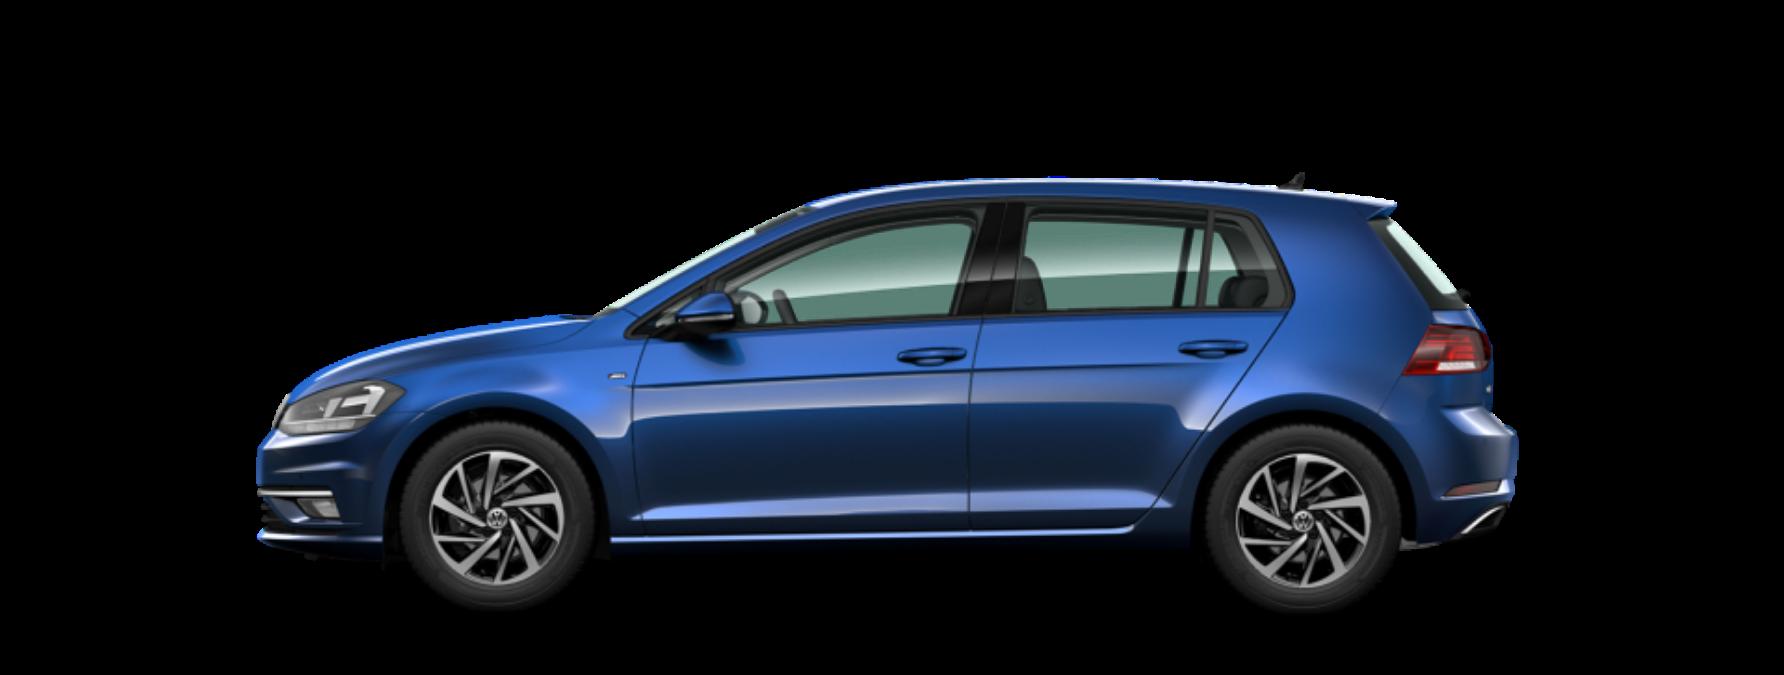 Golf-véhicules-neufs-Conflit-lié-au-codage-Unicode-e1569318868203